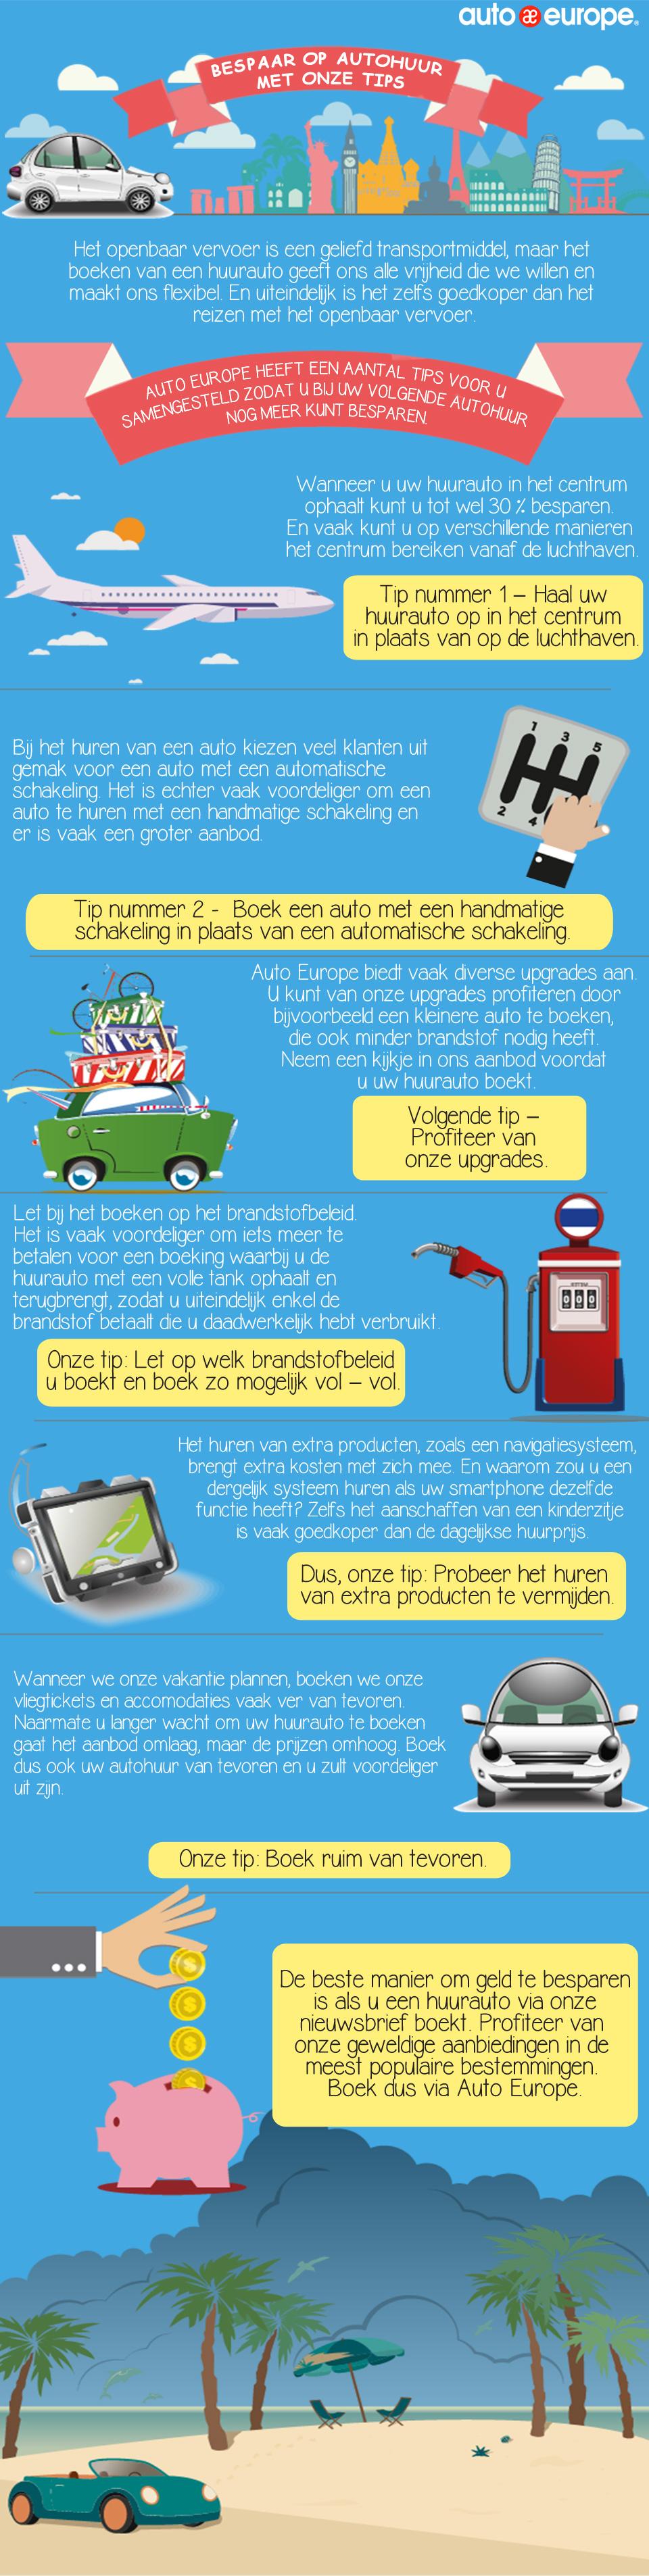 Bespaar meer op uw autohuur | Auto Europe